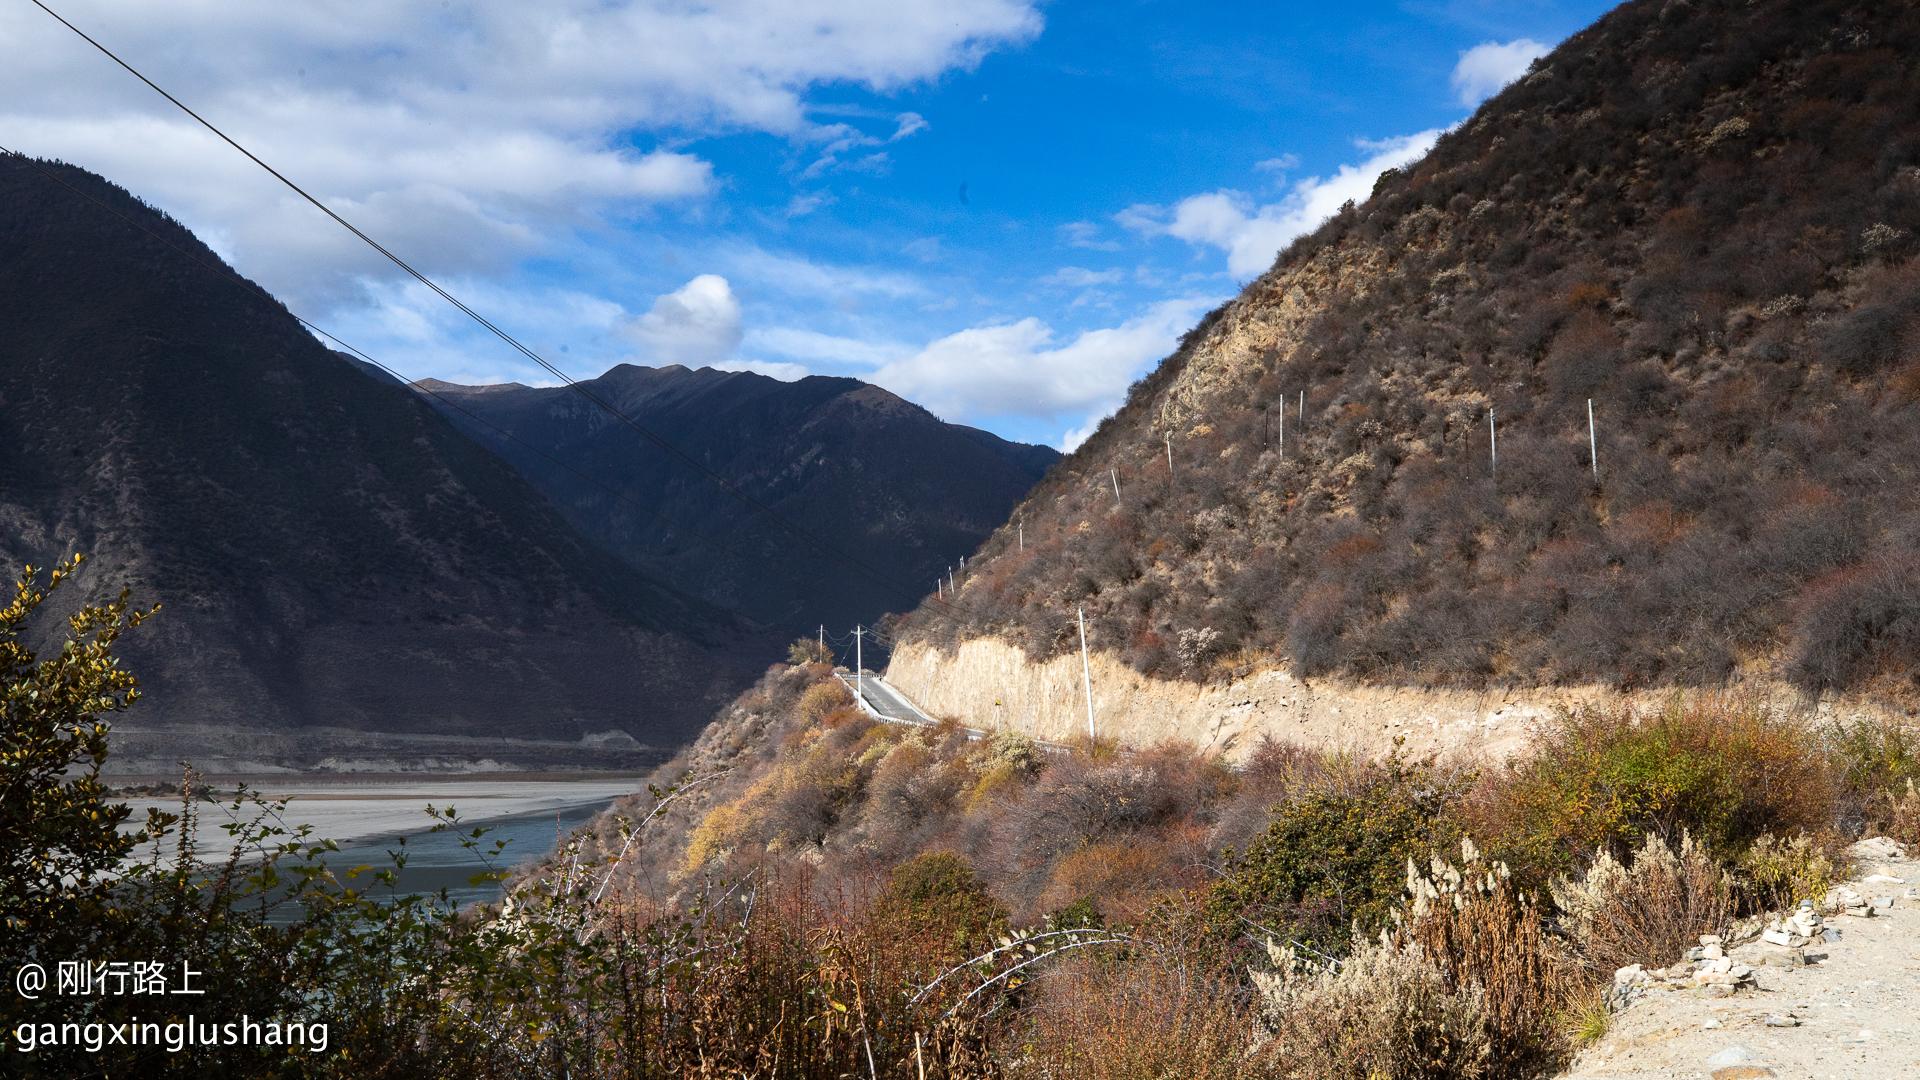 自驾318国道,两江汇流处有什么特别?网友们说值得停留